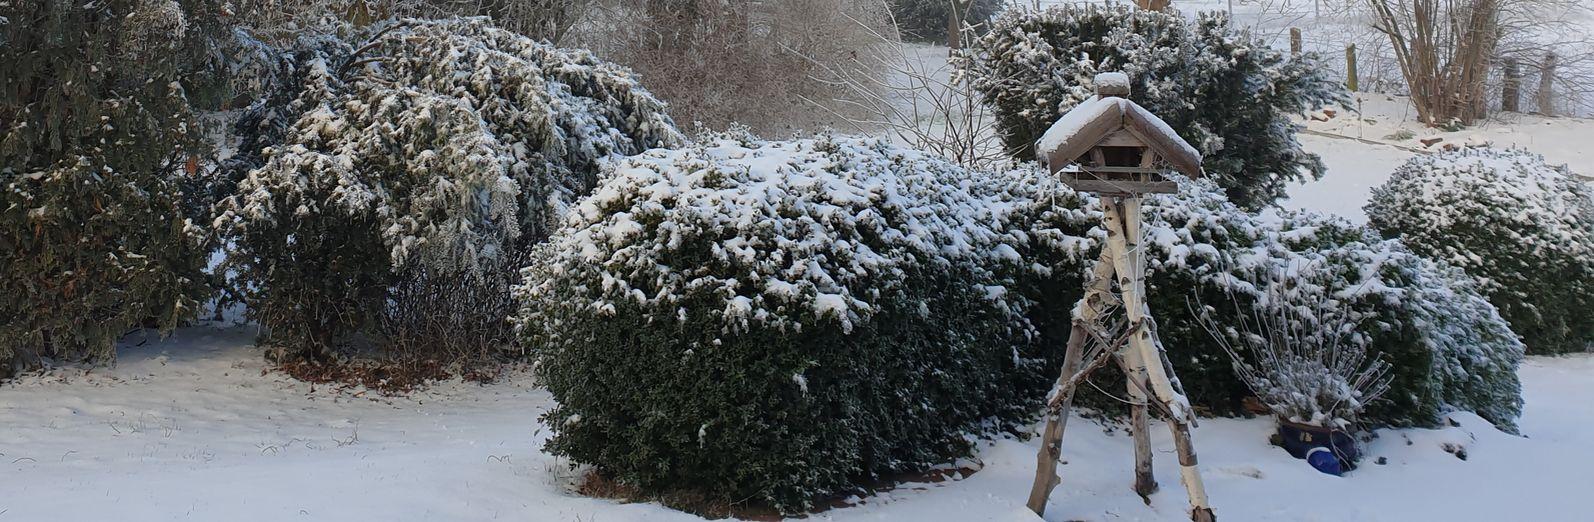 Startseite Banner 11 Winter Garten